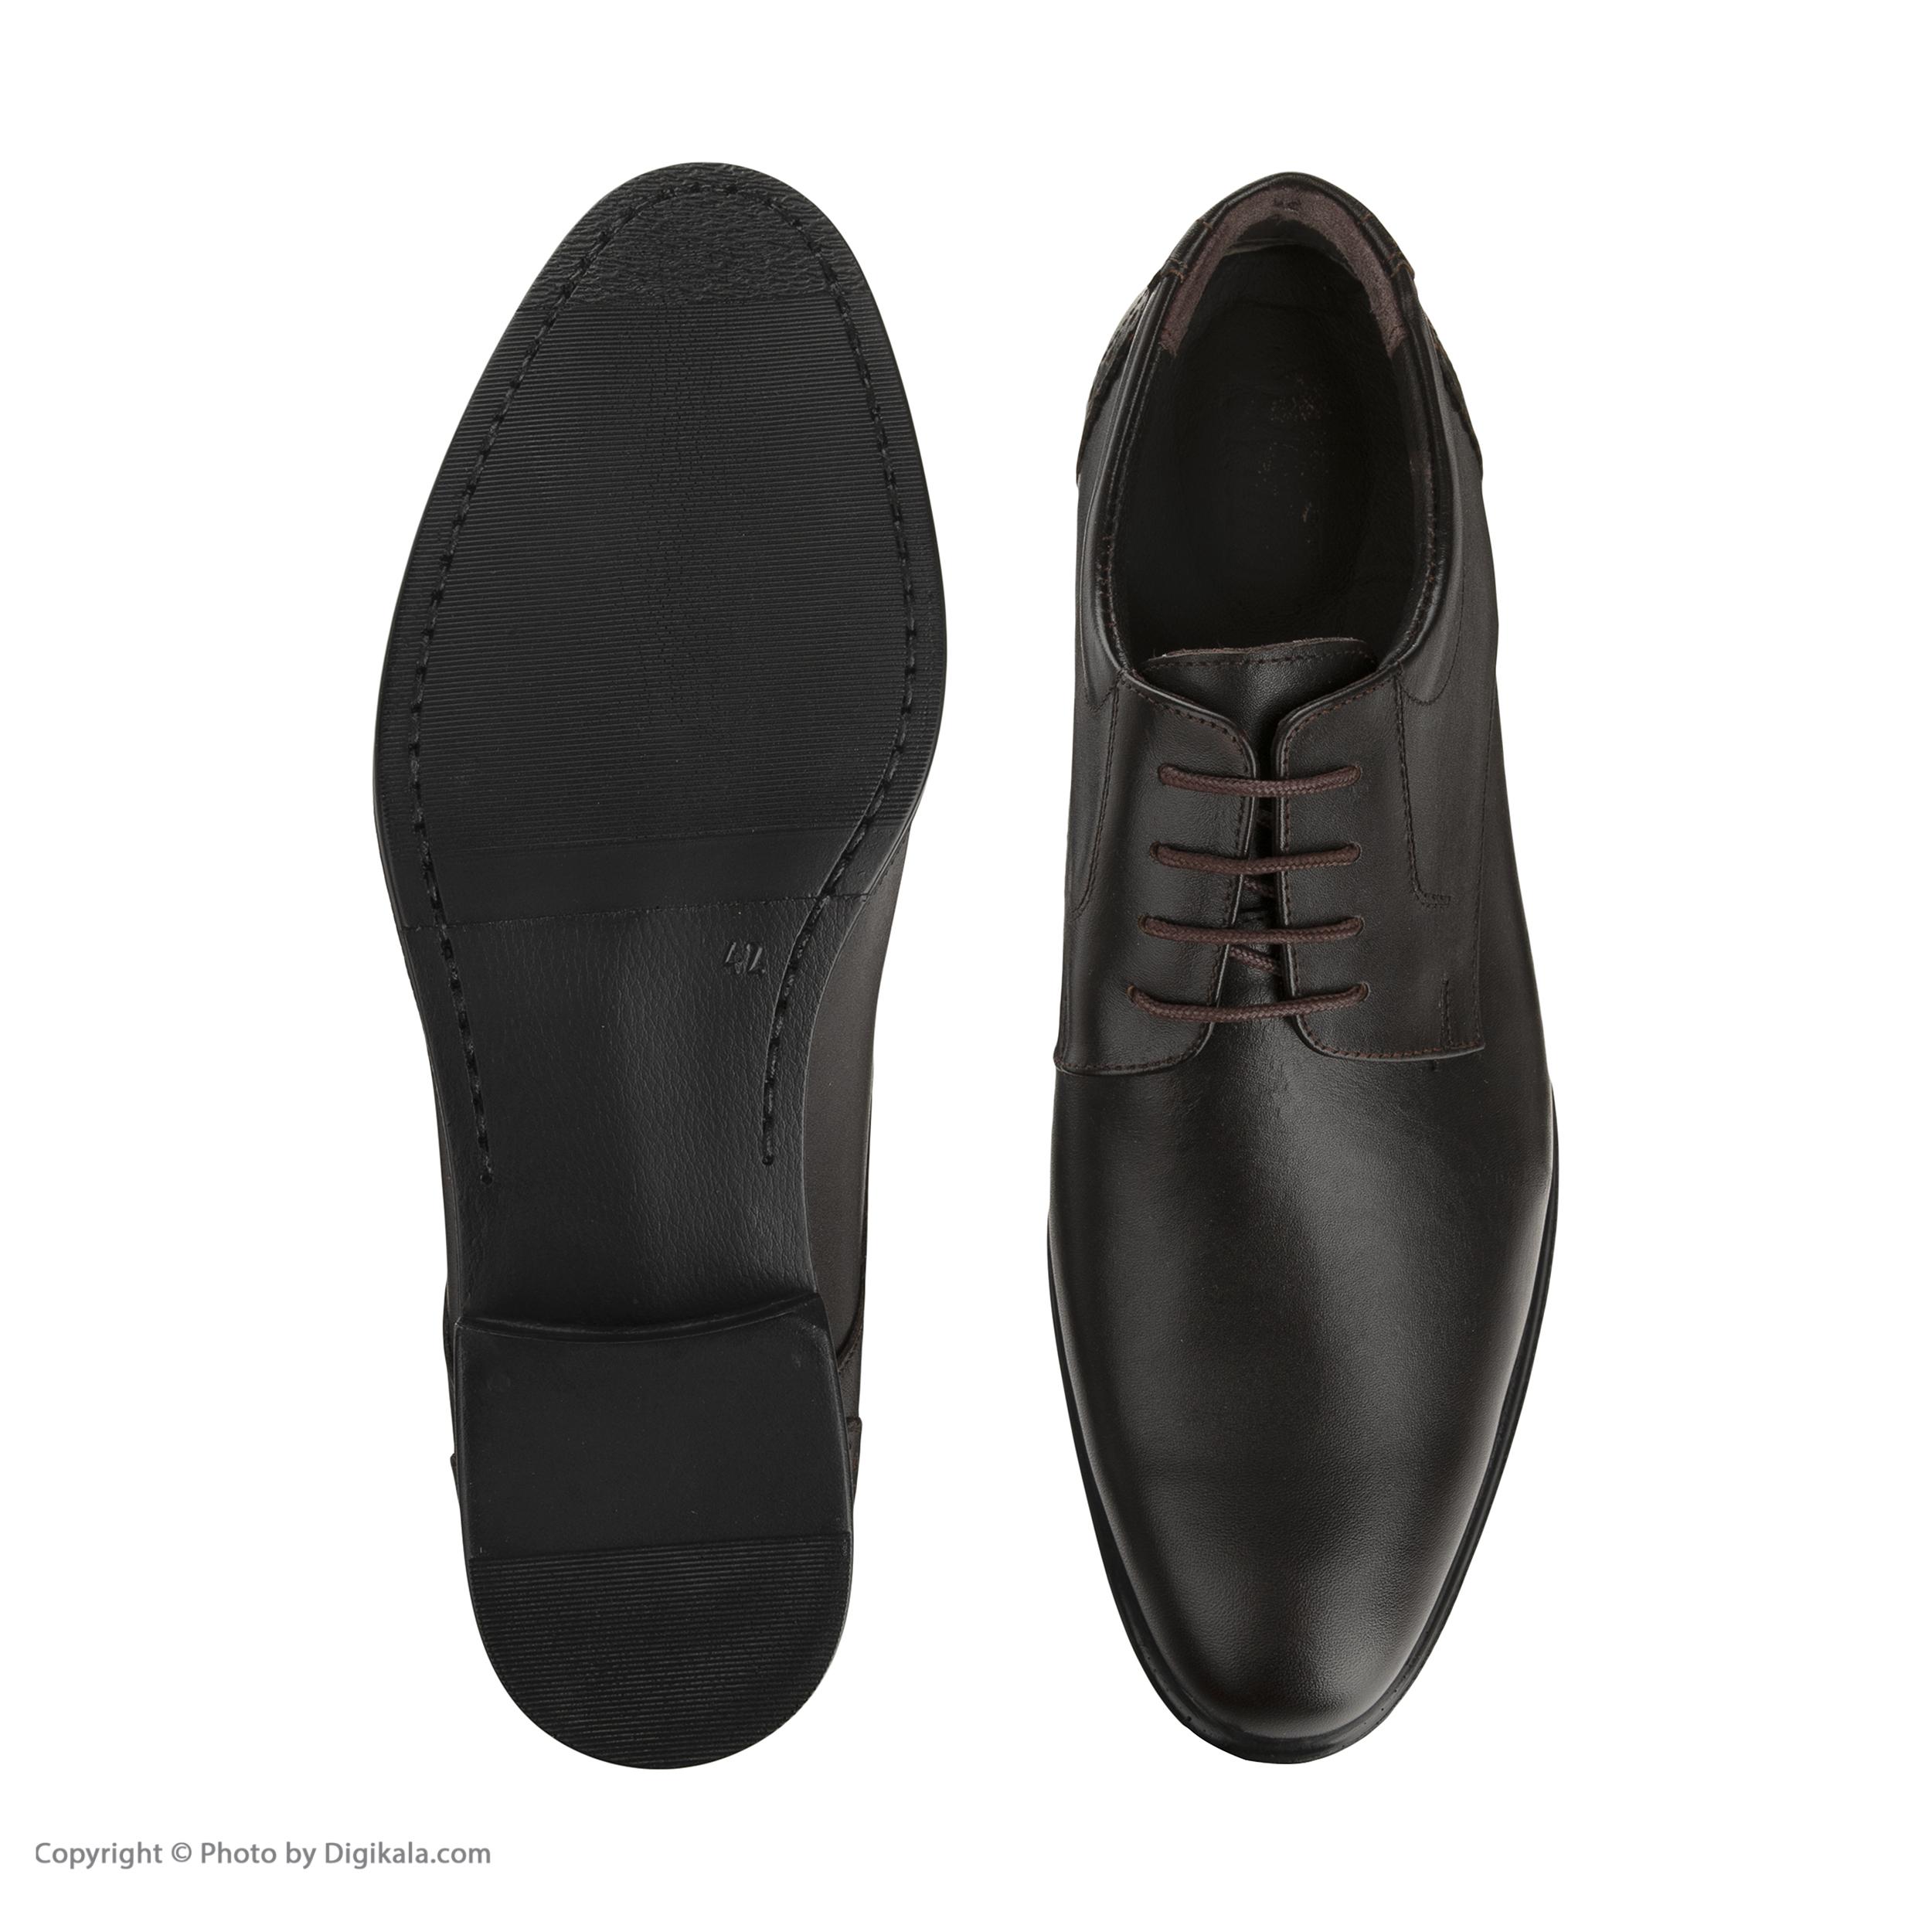 کفش مردانه بلوط مدل 7297A503104 -  - 4